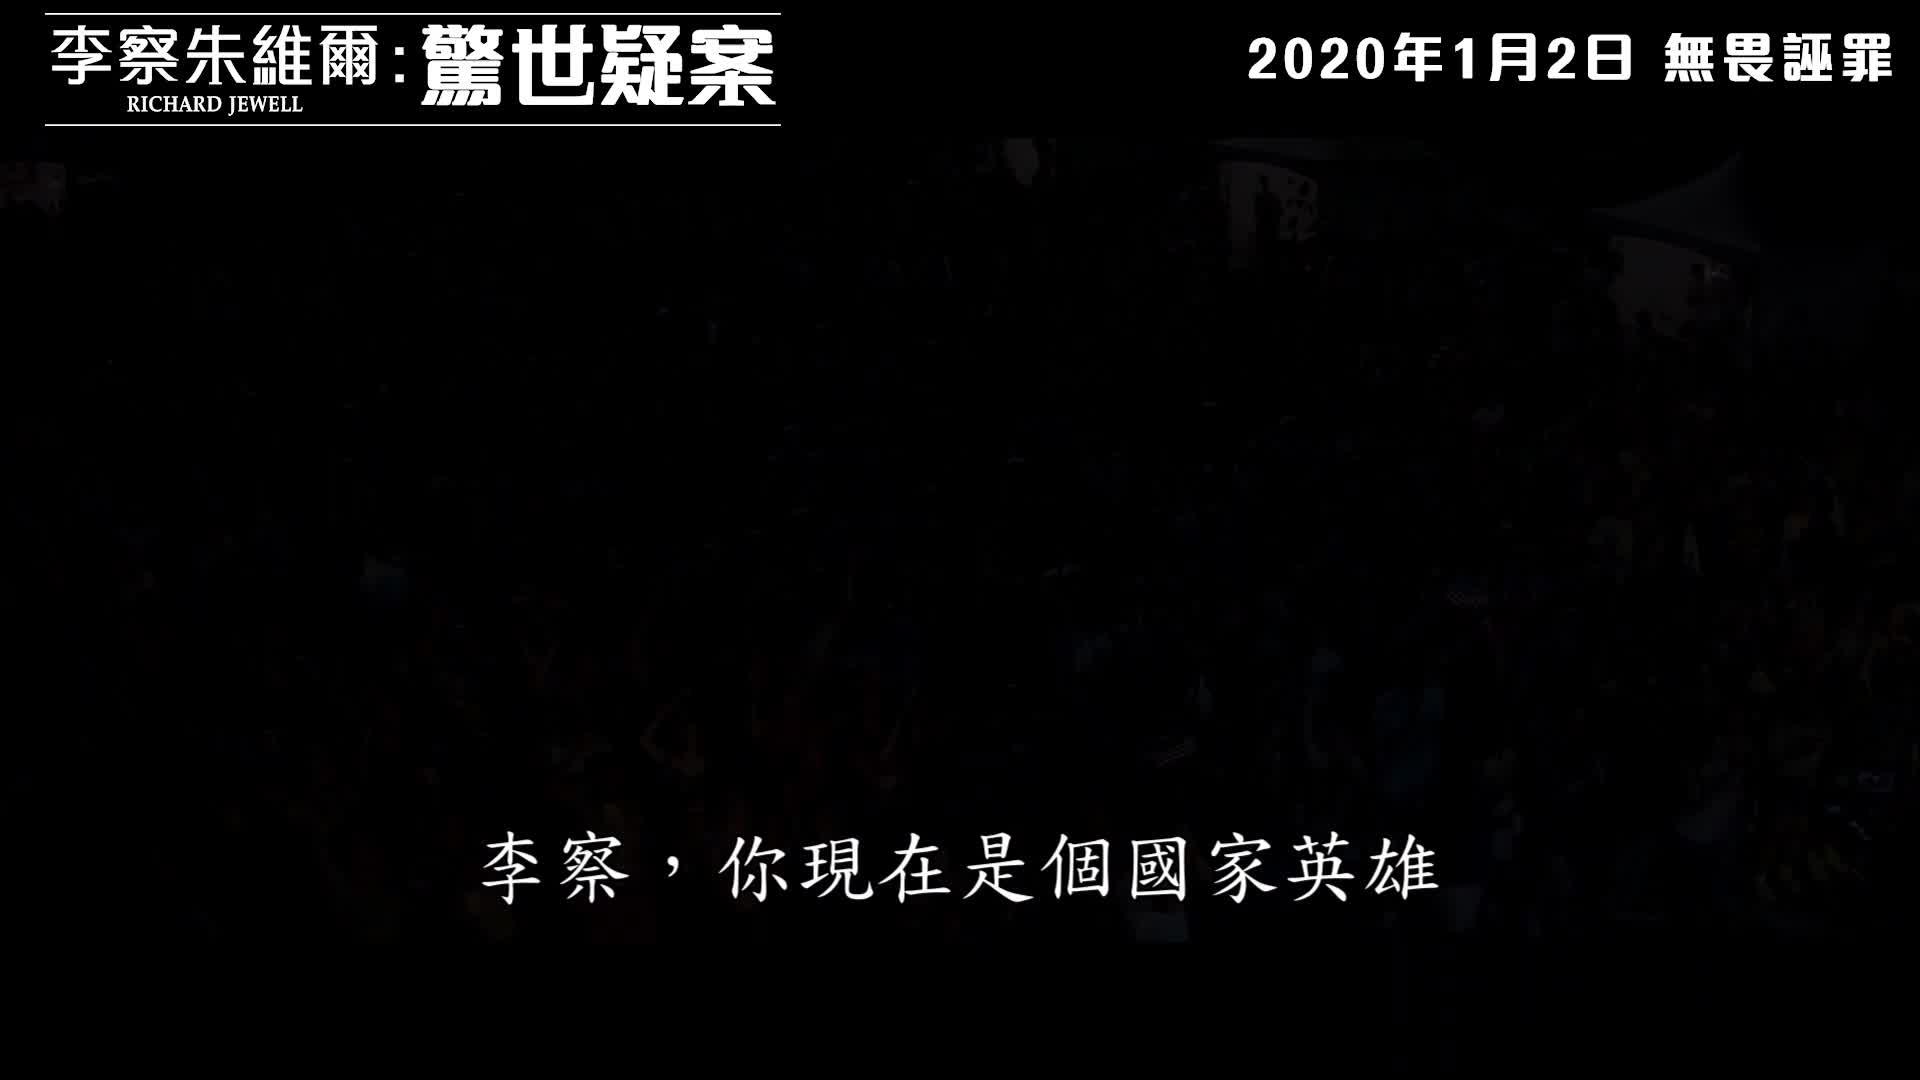 《李察朱維爾:驚世疑案》電影預告